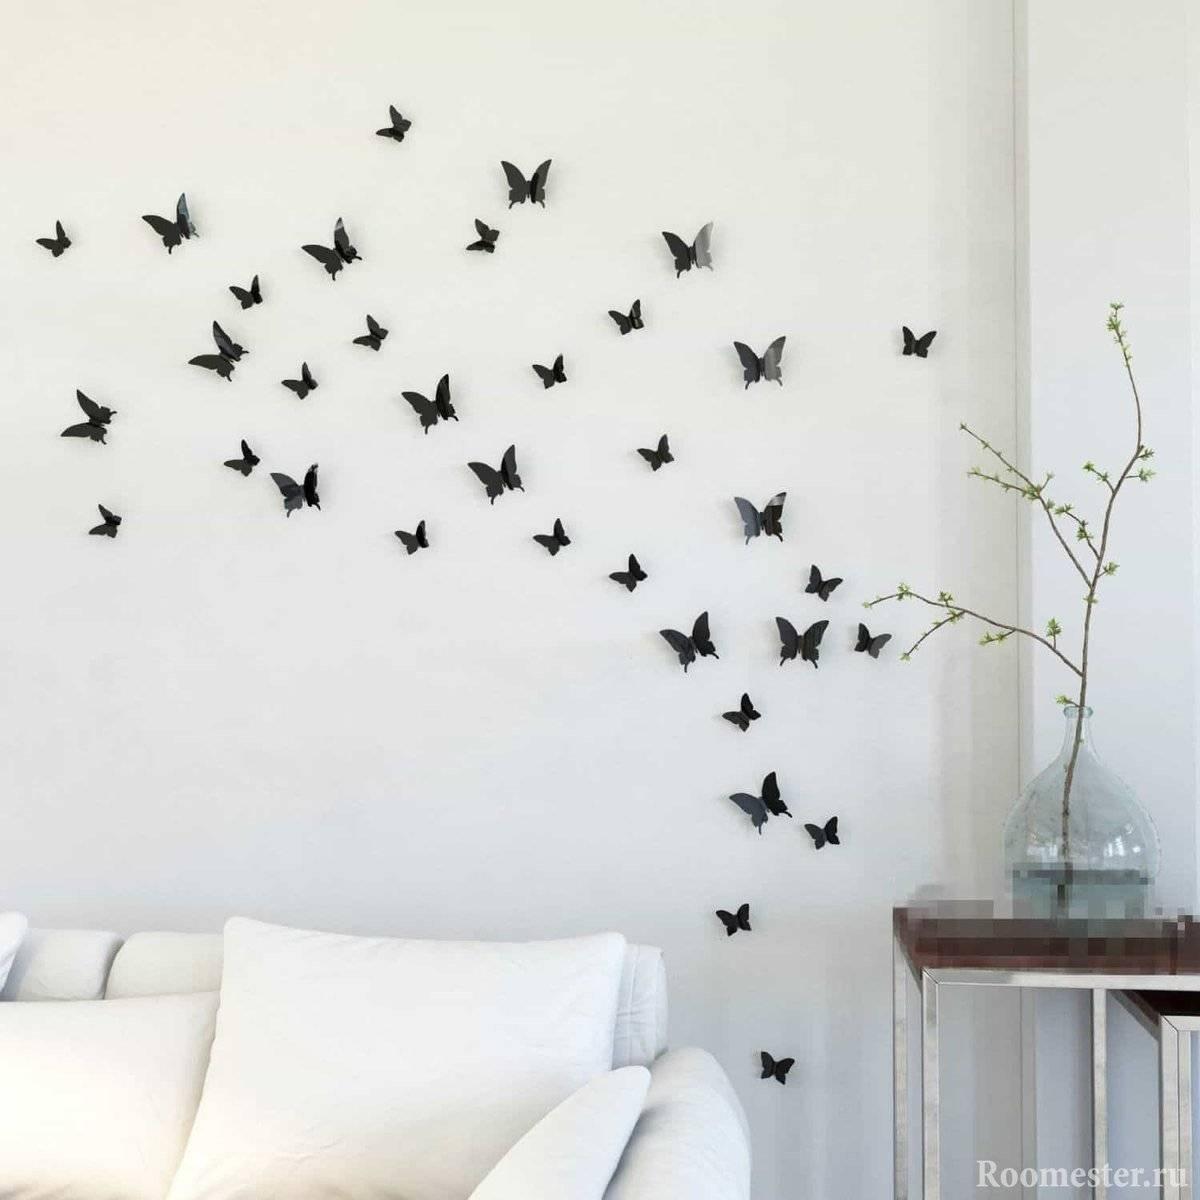 прописались рисунки для стены в комнате на бумаге территории отеля расположены